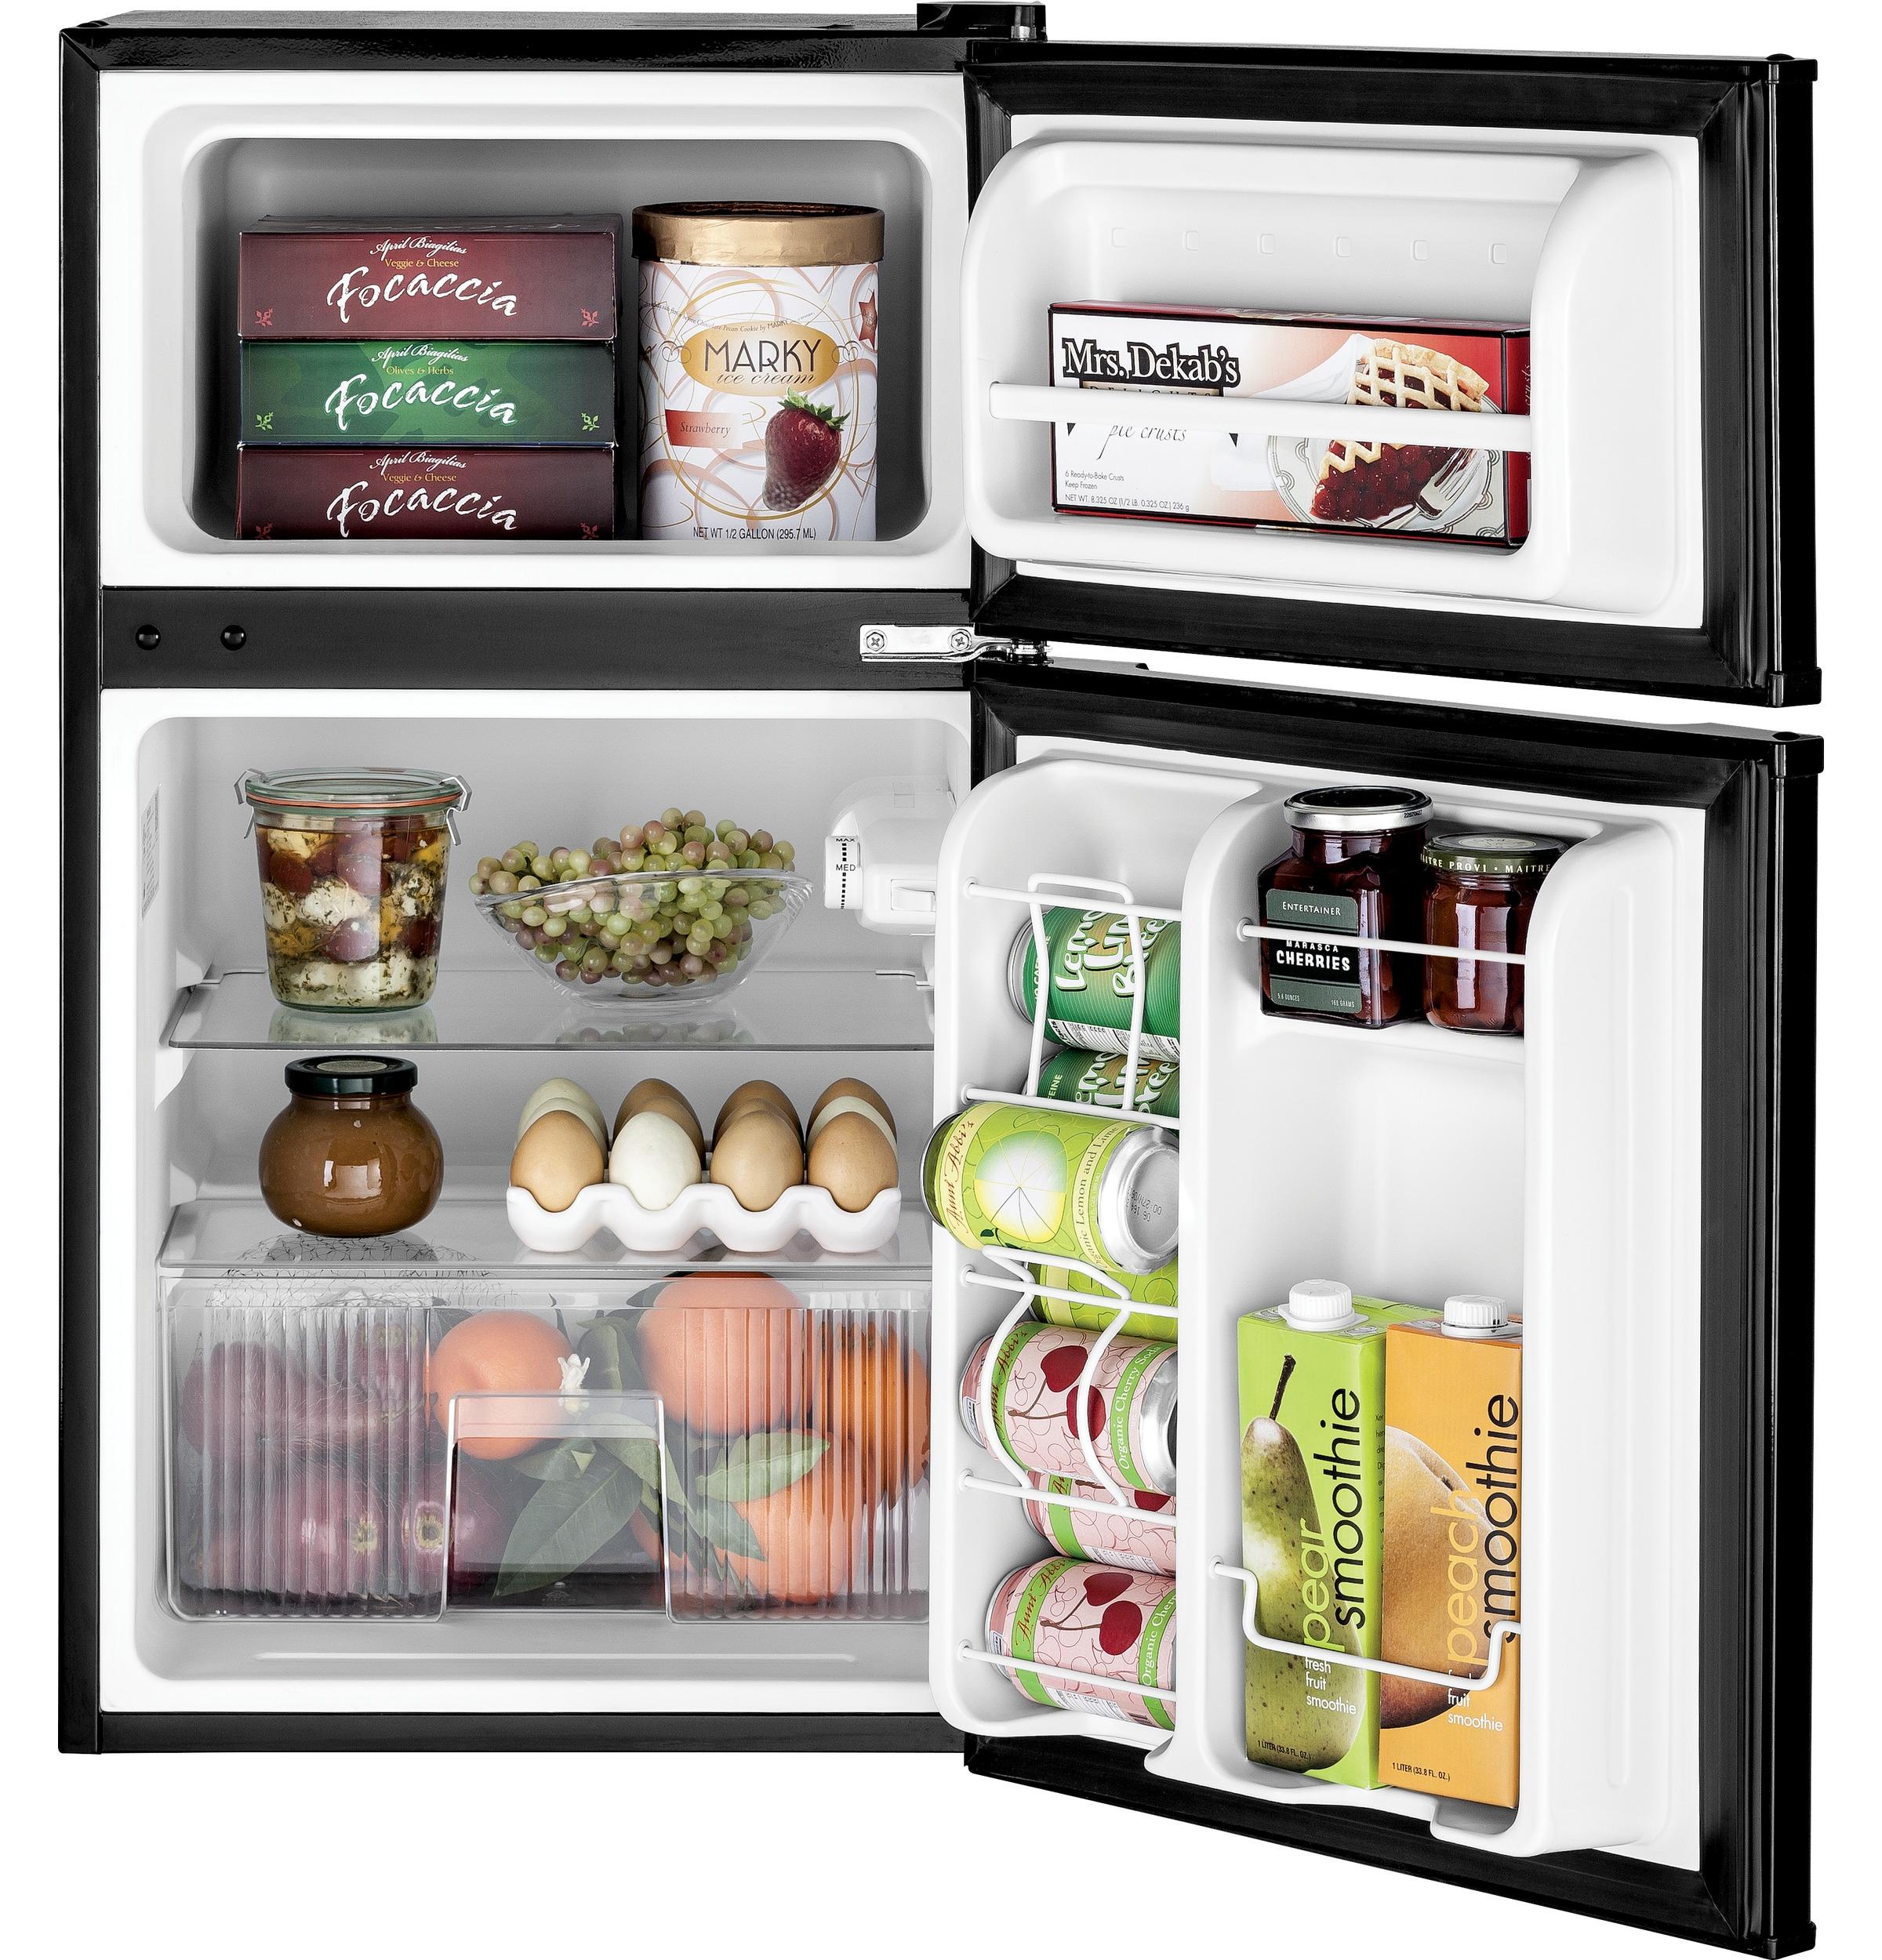 Model: GDE03GGKBB | GE GE® Double-Door Compact Refrigerator